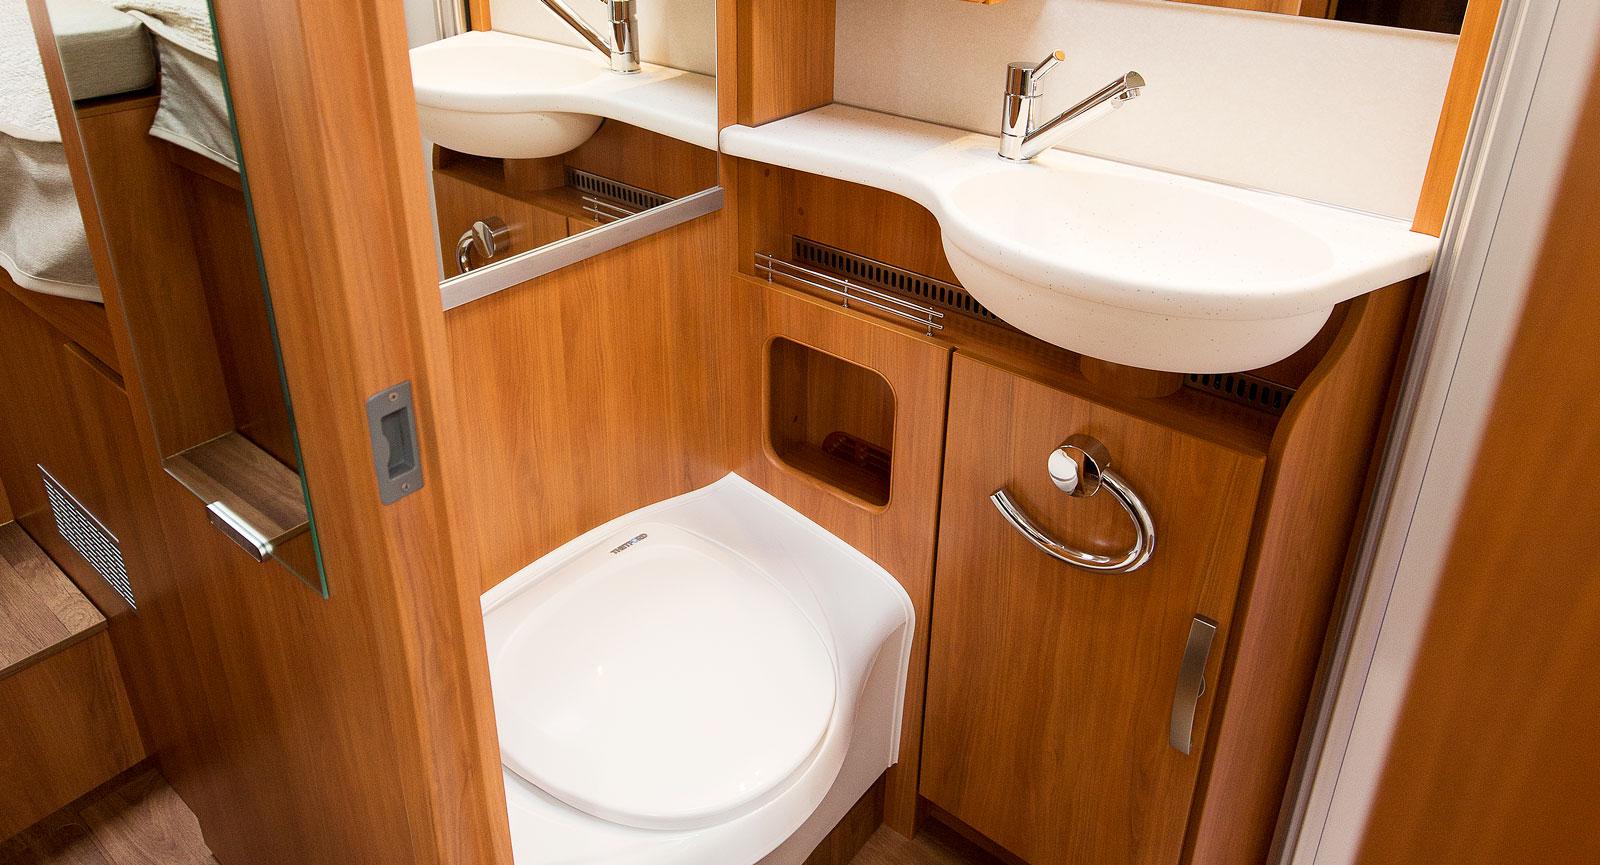 Mitt i bilen finns badrummet. Toalett av bänktyp, dusch med dörrar, förvaring och taklucka bildar ett funktionellt utrymme.